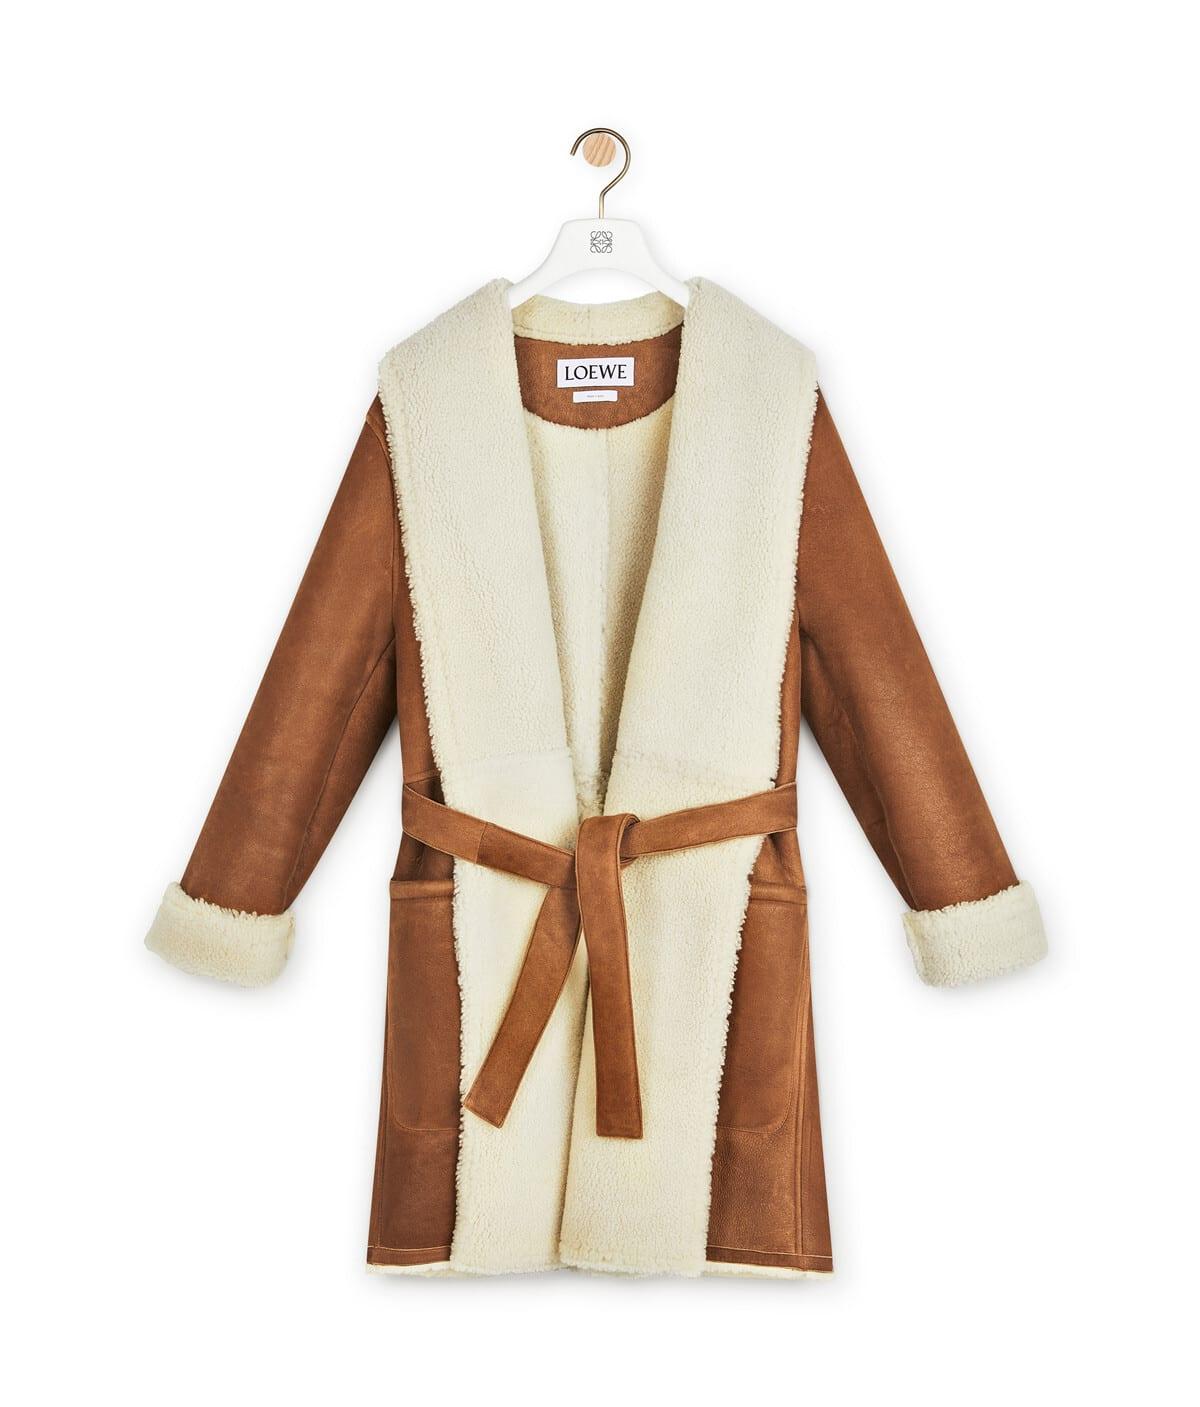 Loewe Shearling Coat Belt